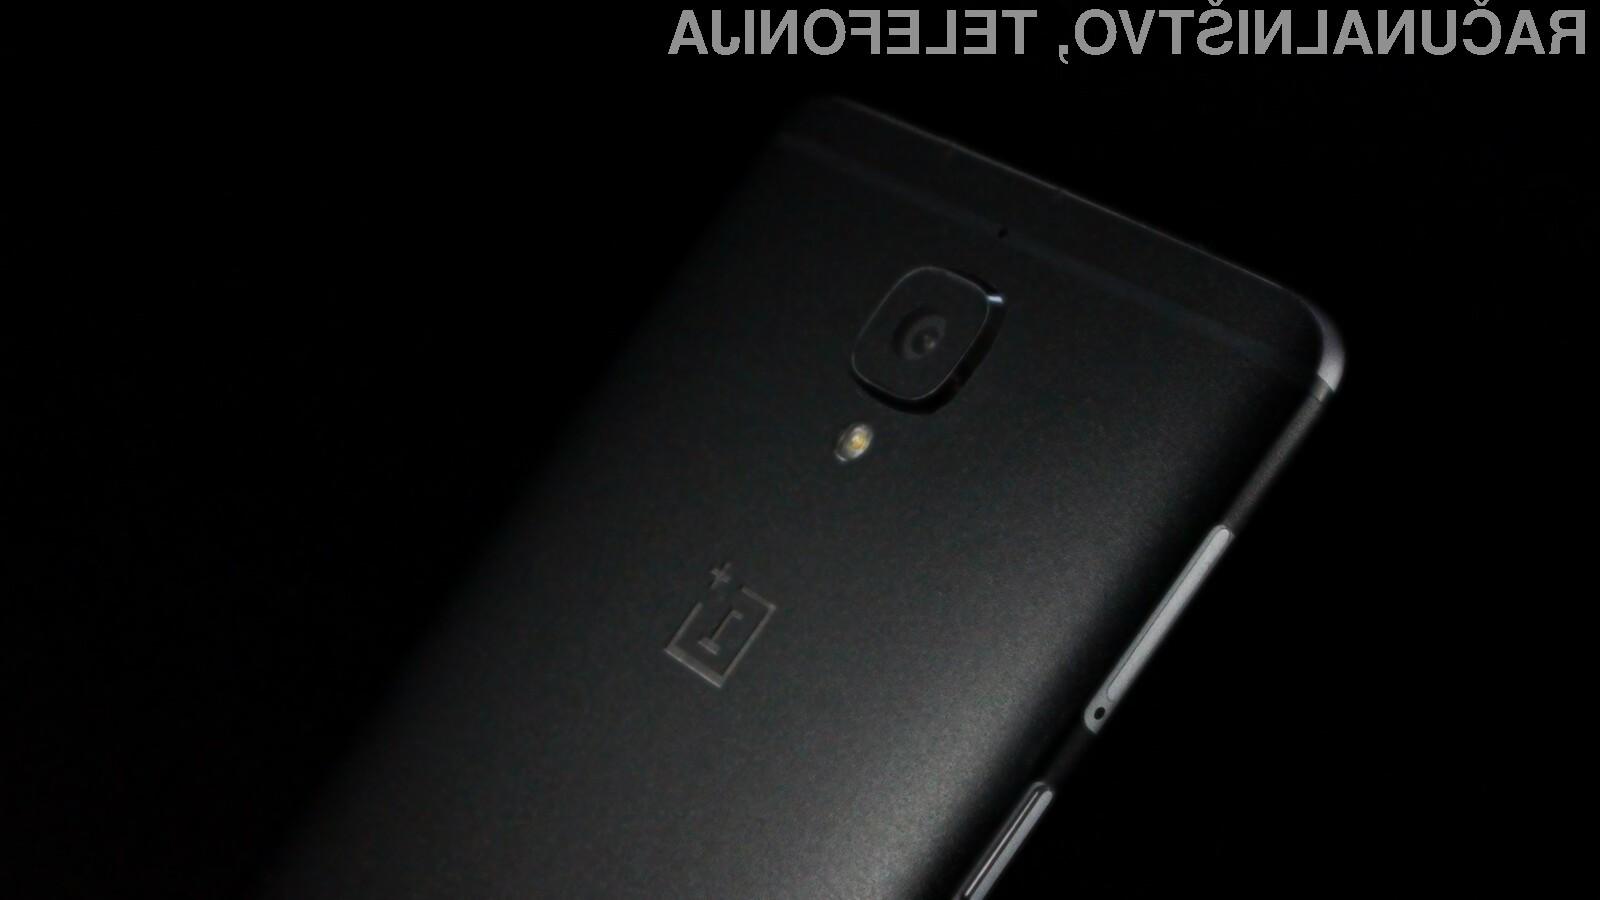 Zastarela telefona OnePlus 3 in OnePlus 3T sta končno prejela posodobitev na novi Android 9.0 Pie.